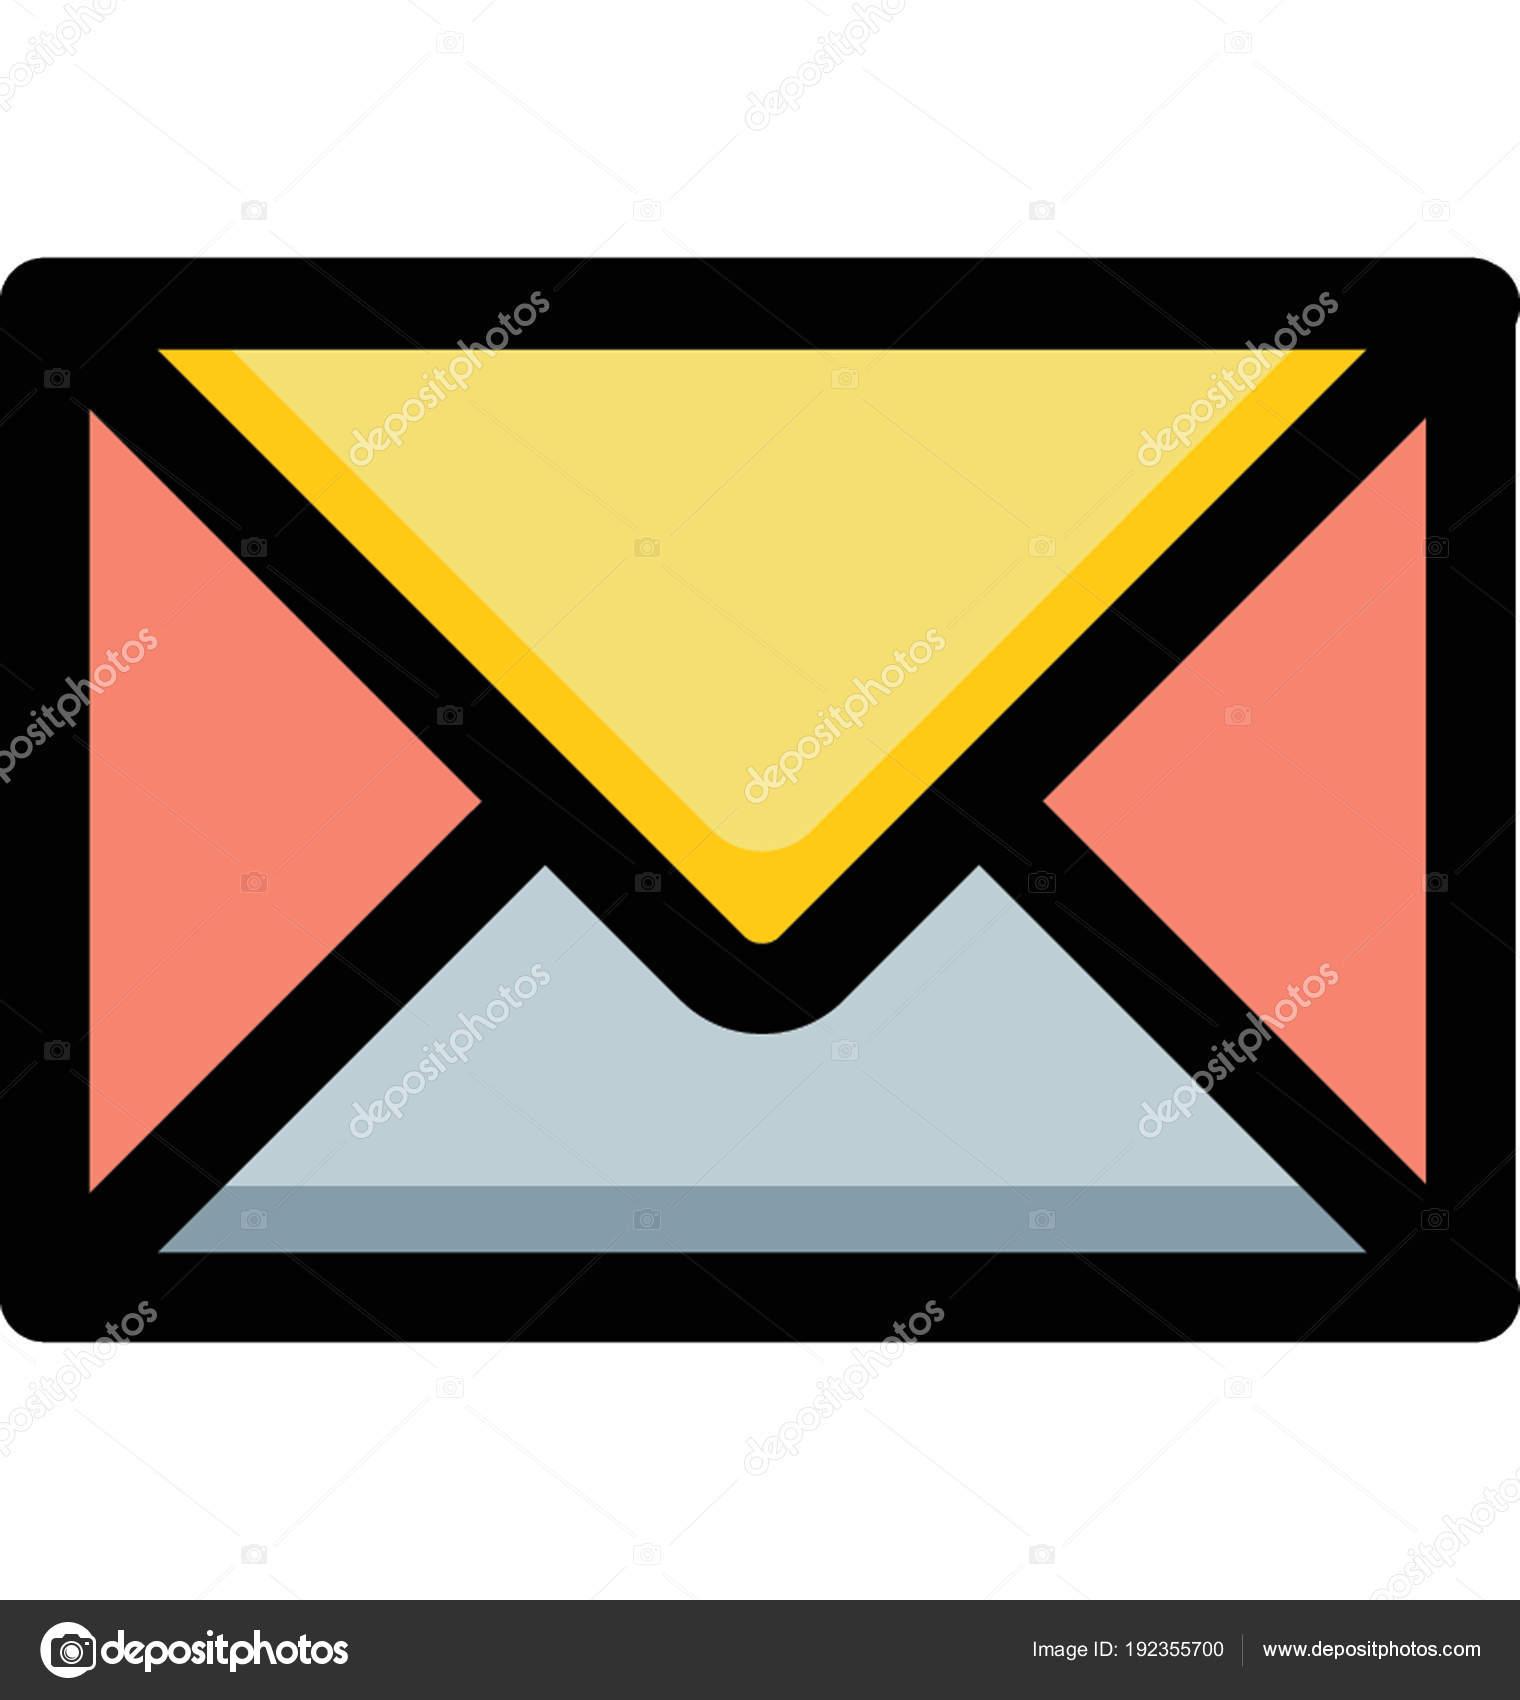 レトロなエアメール封筒のベクター イラストです ビンテージの手紙 電子